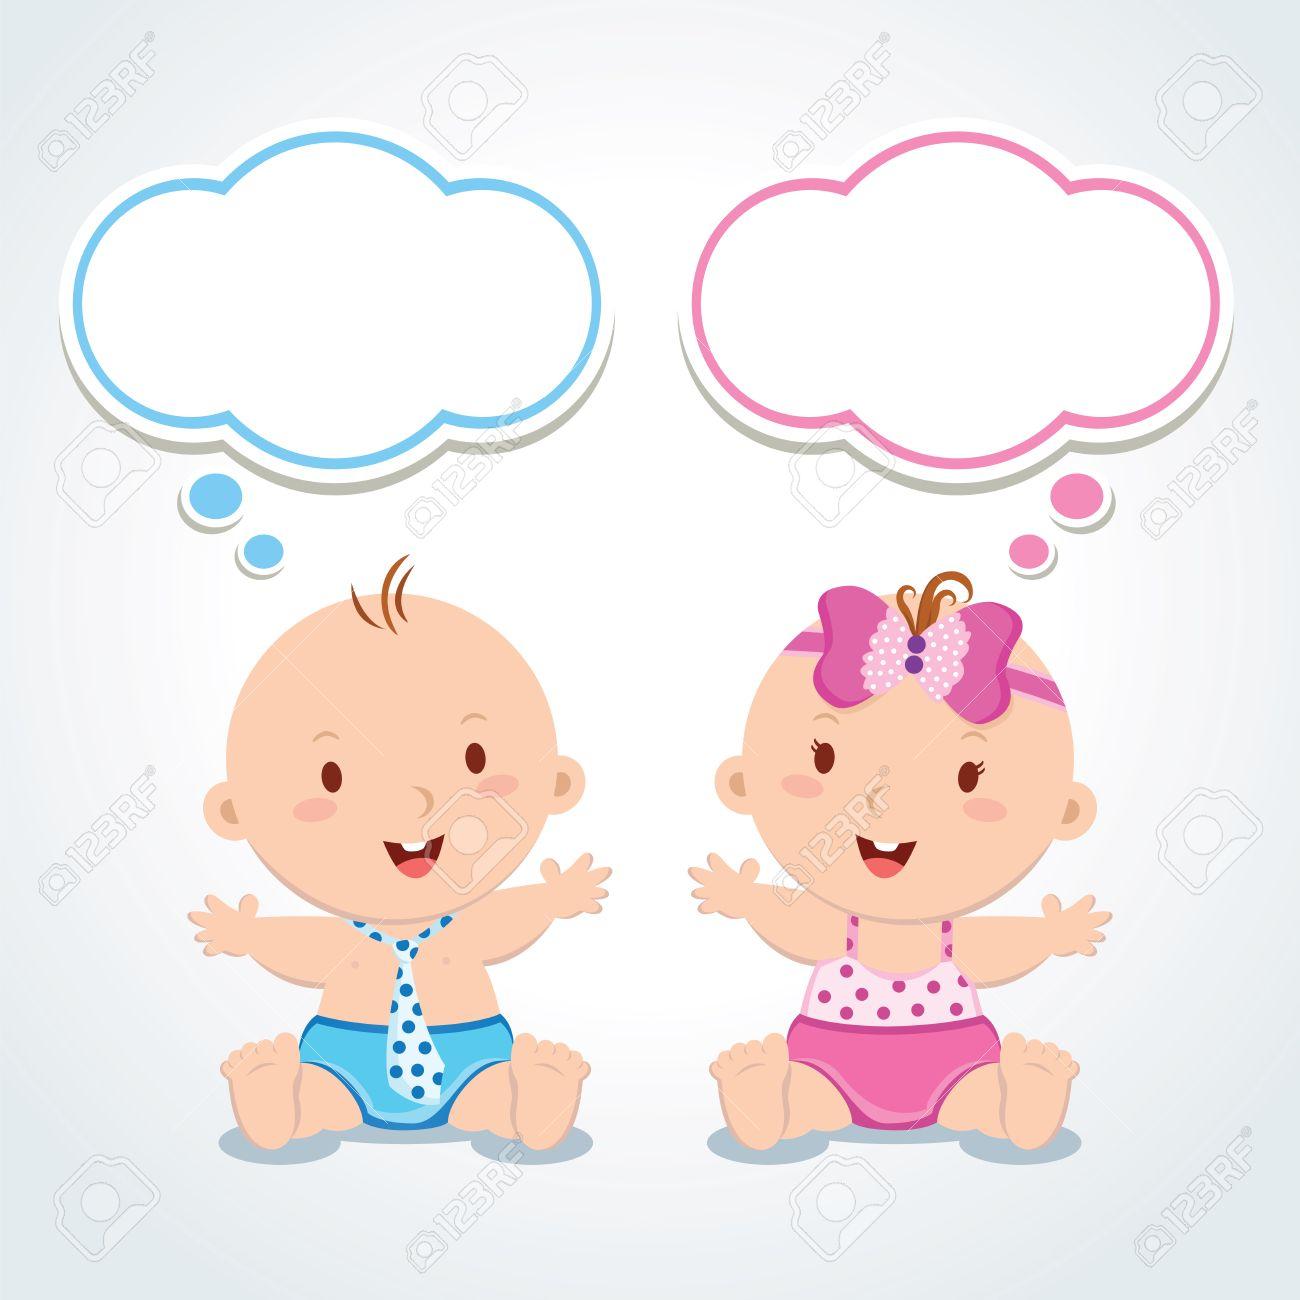 双子泡を考えると赤ちゃんかわいい男の子と女の子のベクトル